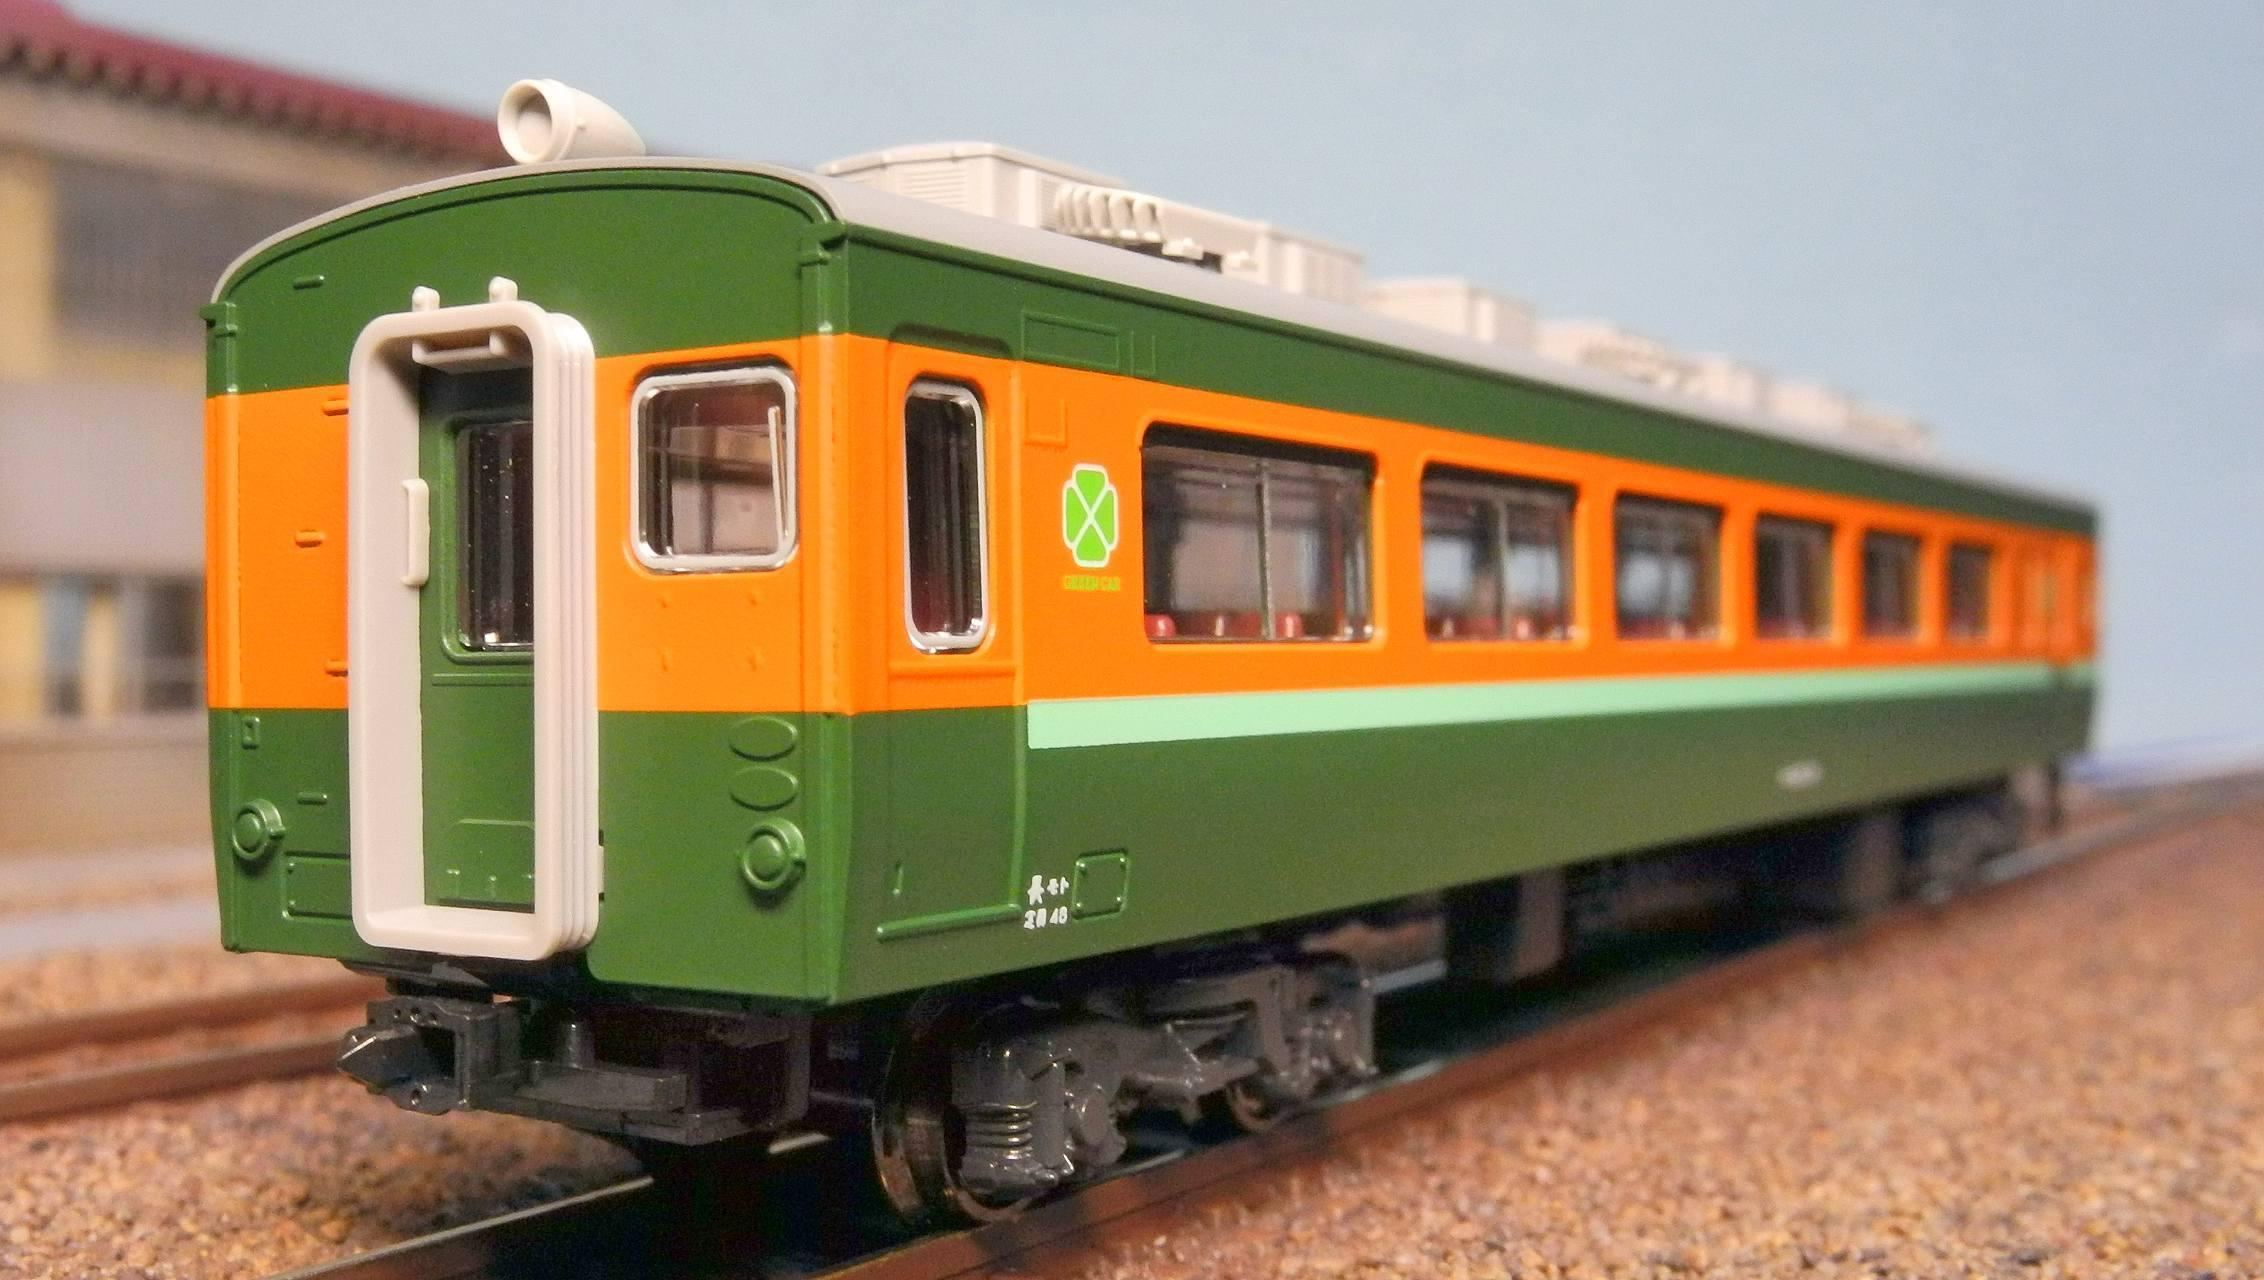 DSCN8300-1.jpg